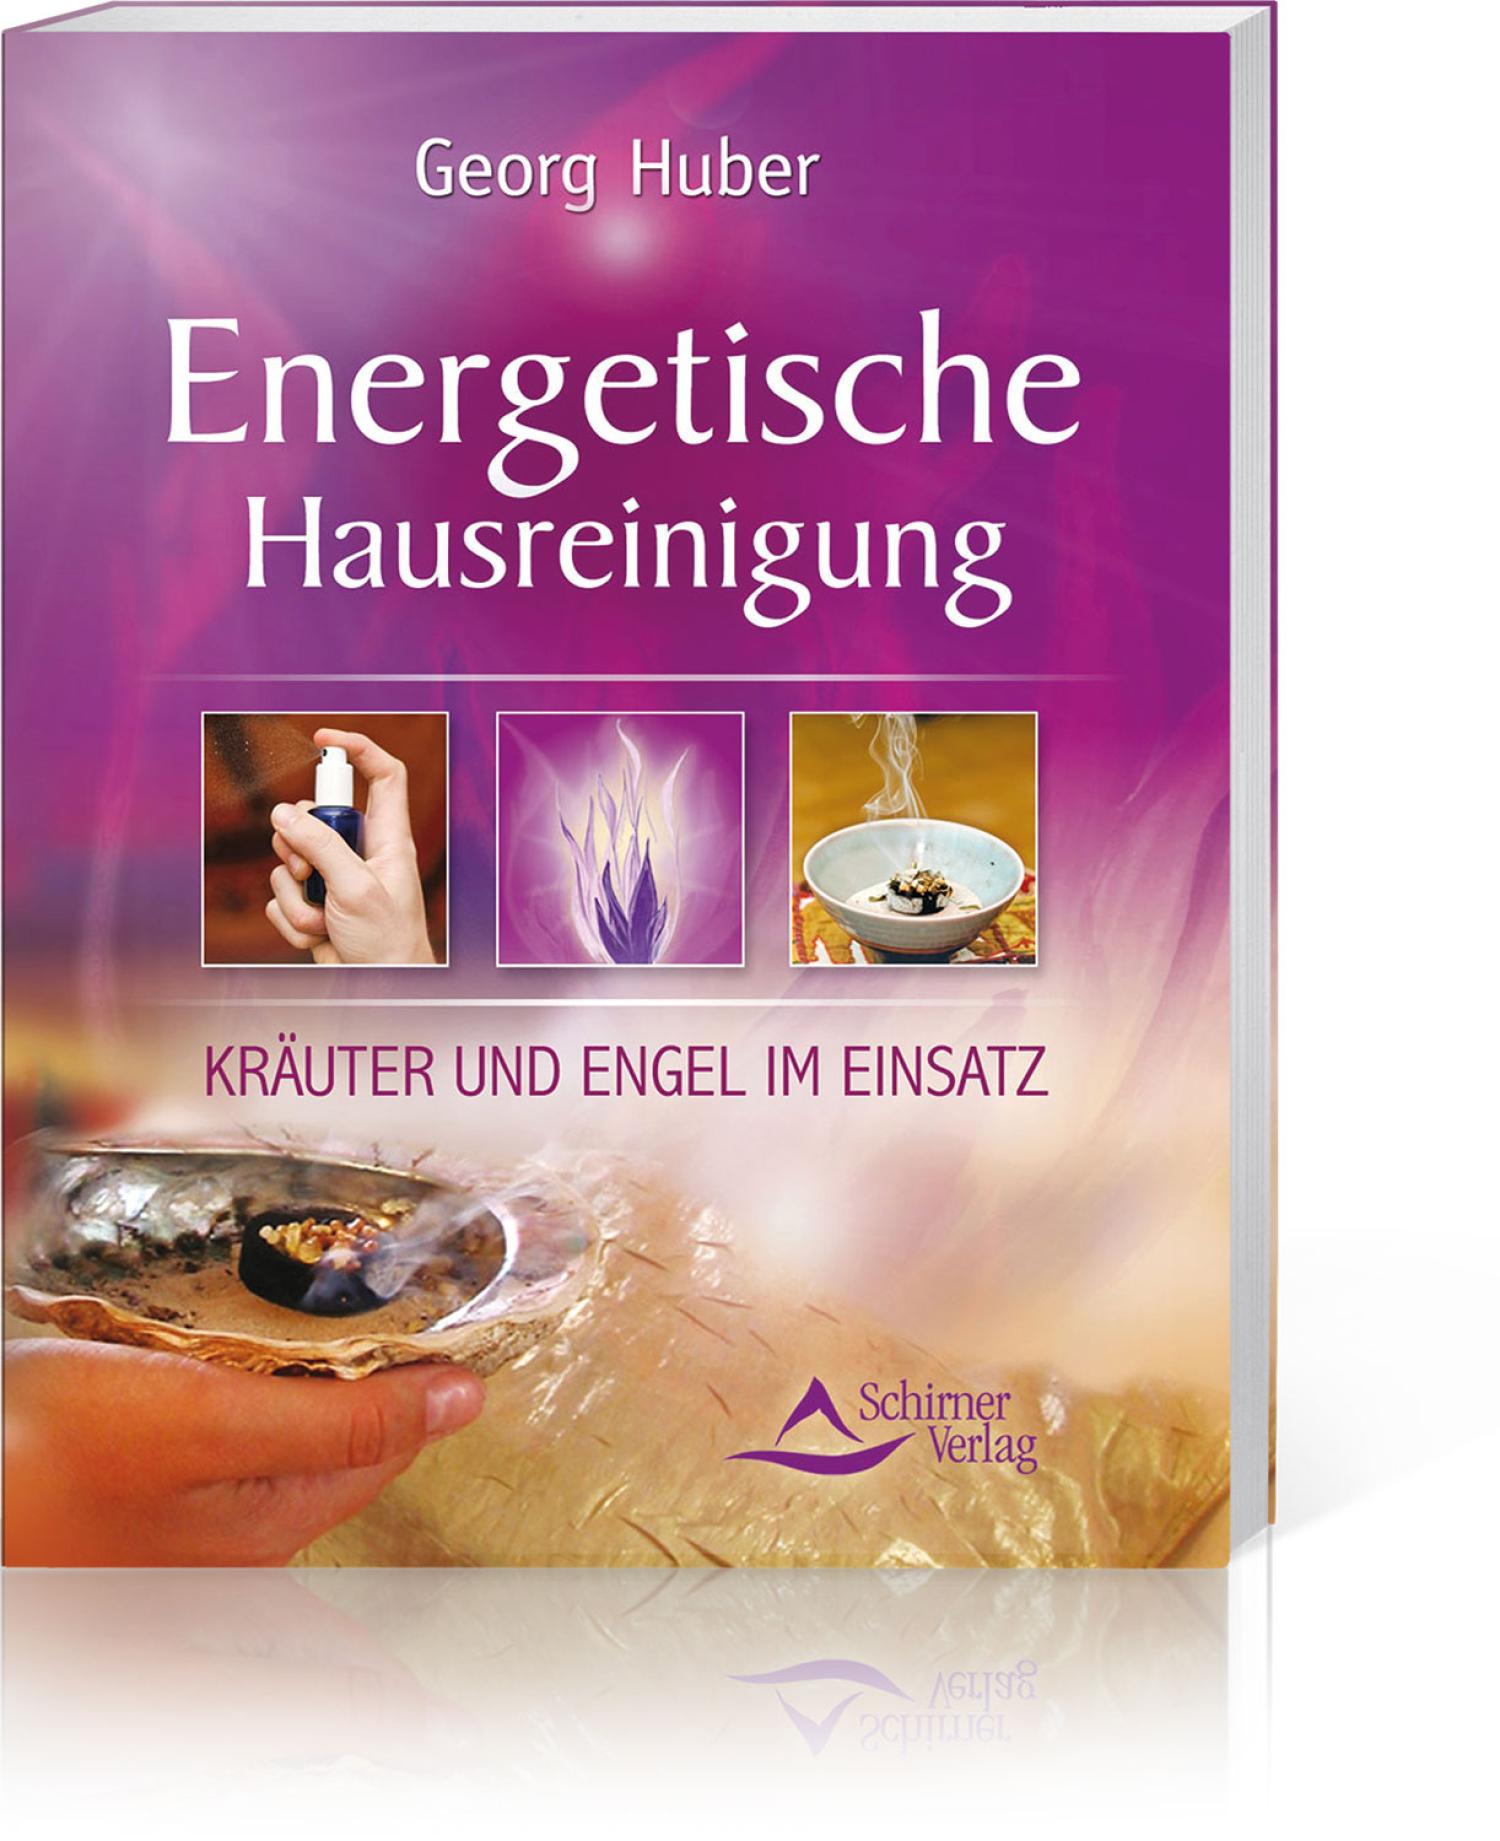 Energetische Hausreinigung, Produktbild 1